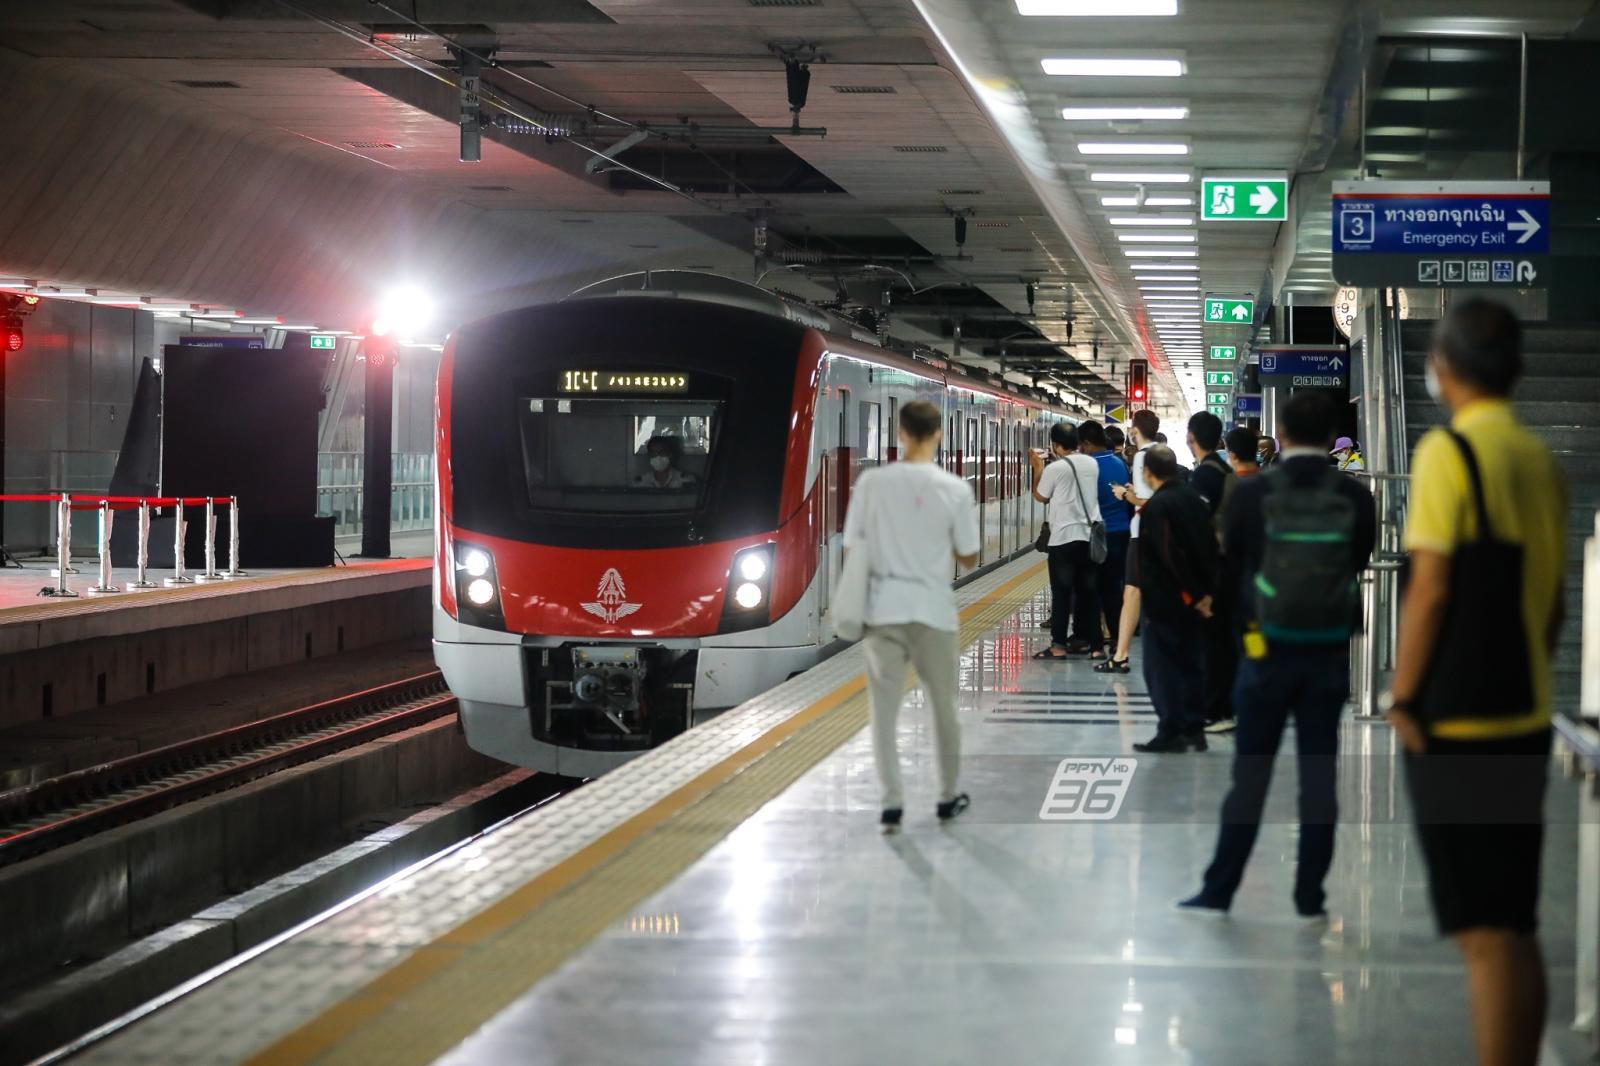 ก่อนทดลองไปนั่งฟรี 3 เดือน ทำความรู้จักรถไฟชานเมืองสายสีแดง เชื่อม บางซื่อ-รังสิต และ บางซื่อ-ตลิ่งชัน